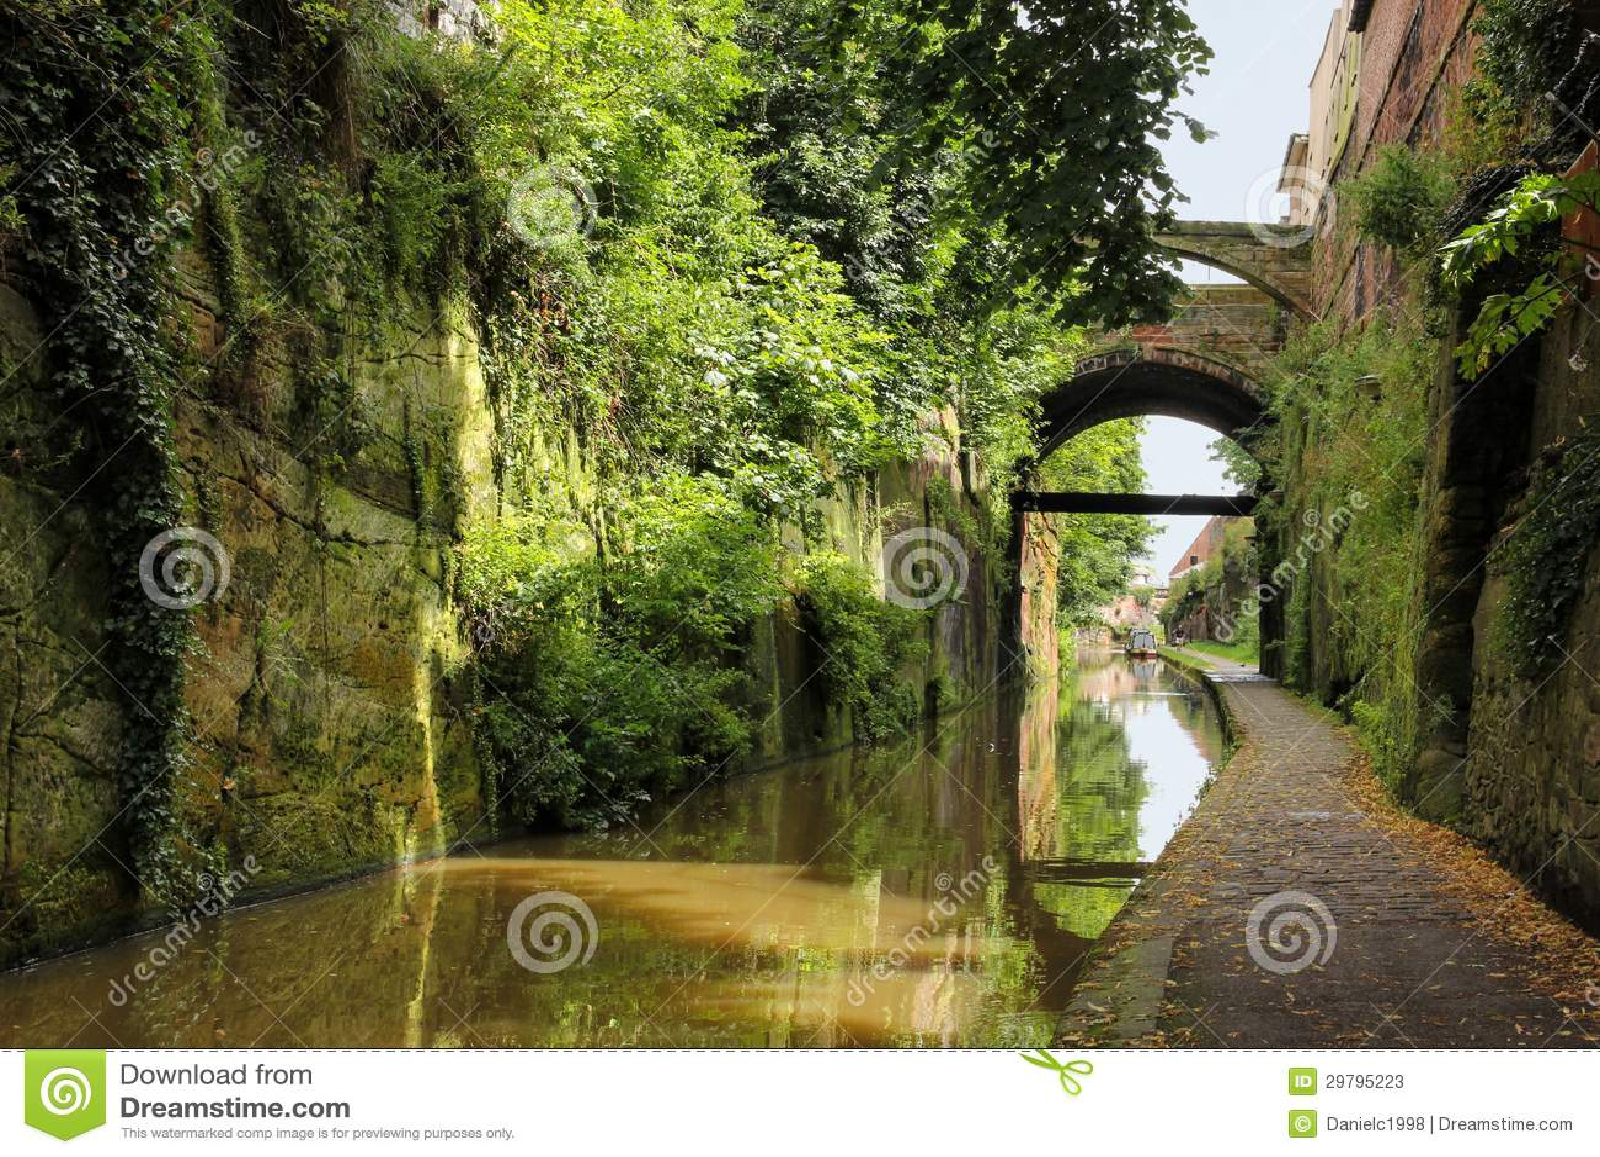 彻斯特运河。 彻斯特。 英国